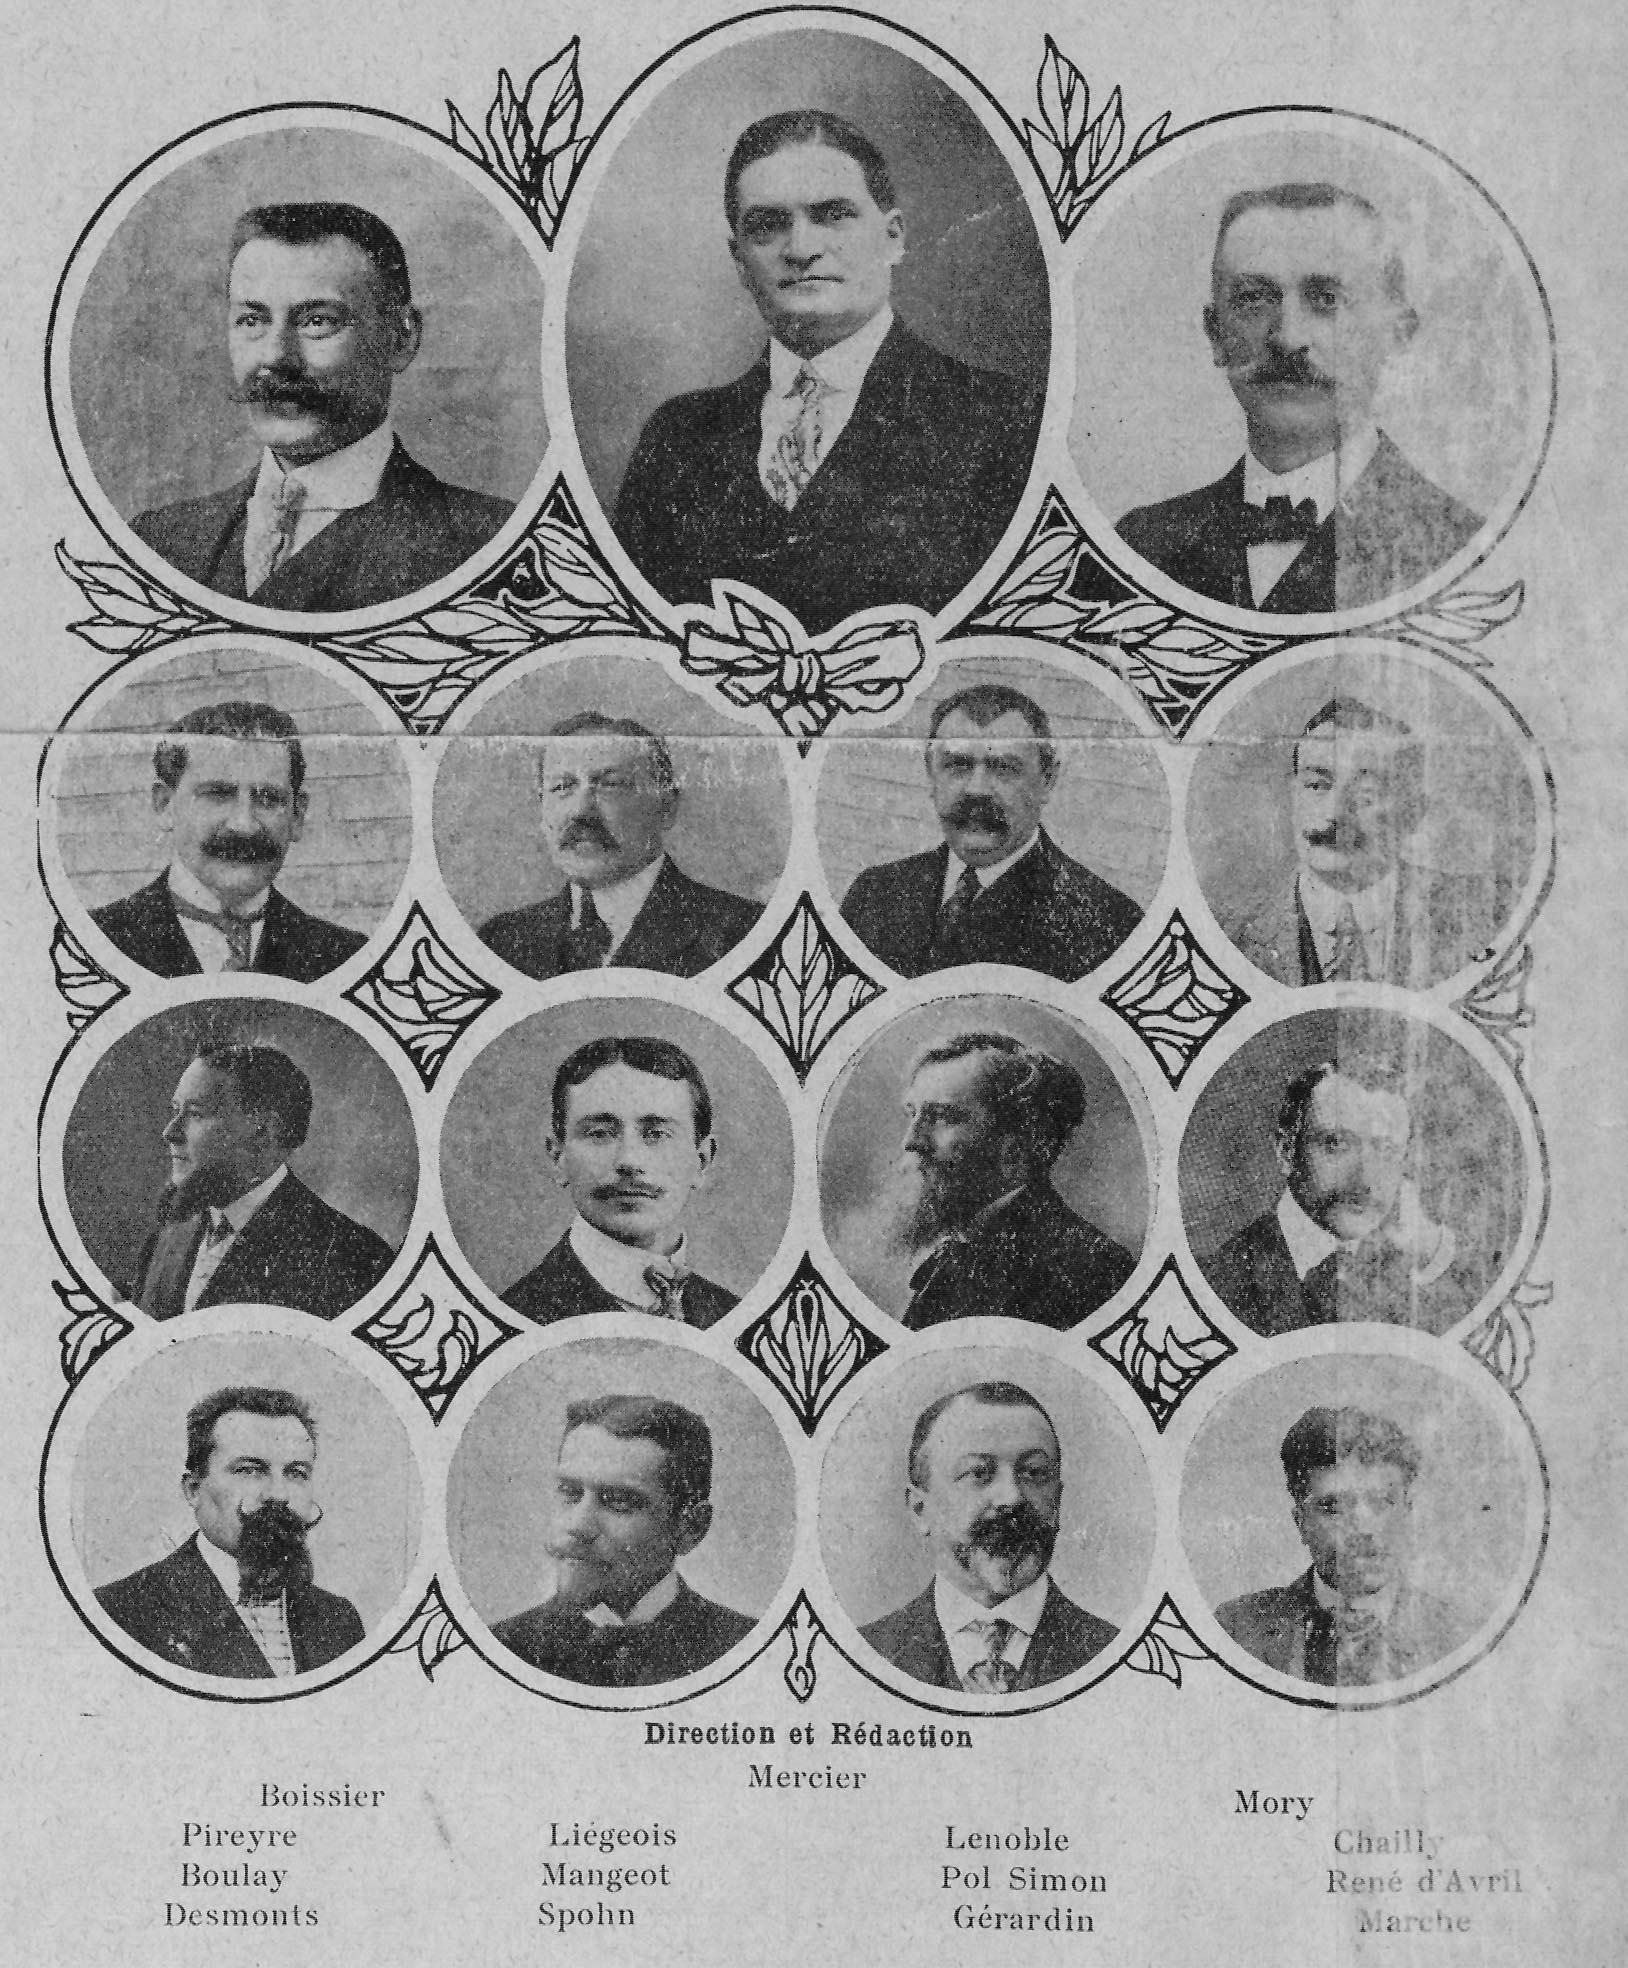 Contenu du Portrait des directeurs et rédacteurs de l'Est républicain